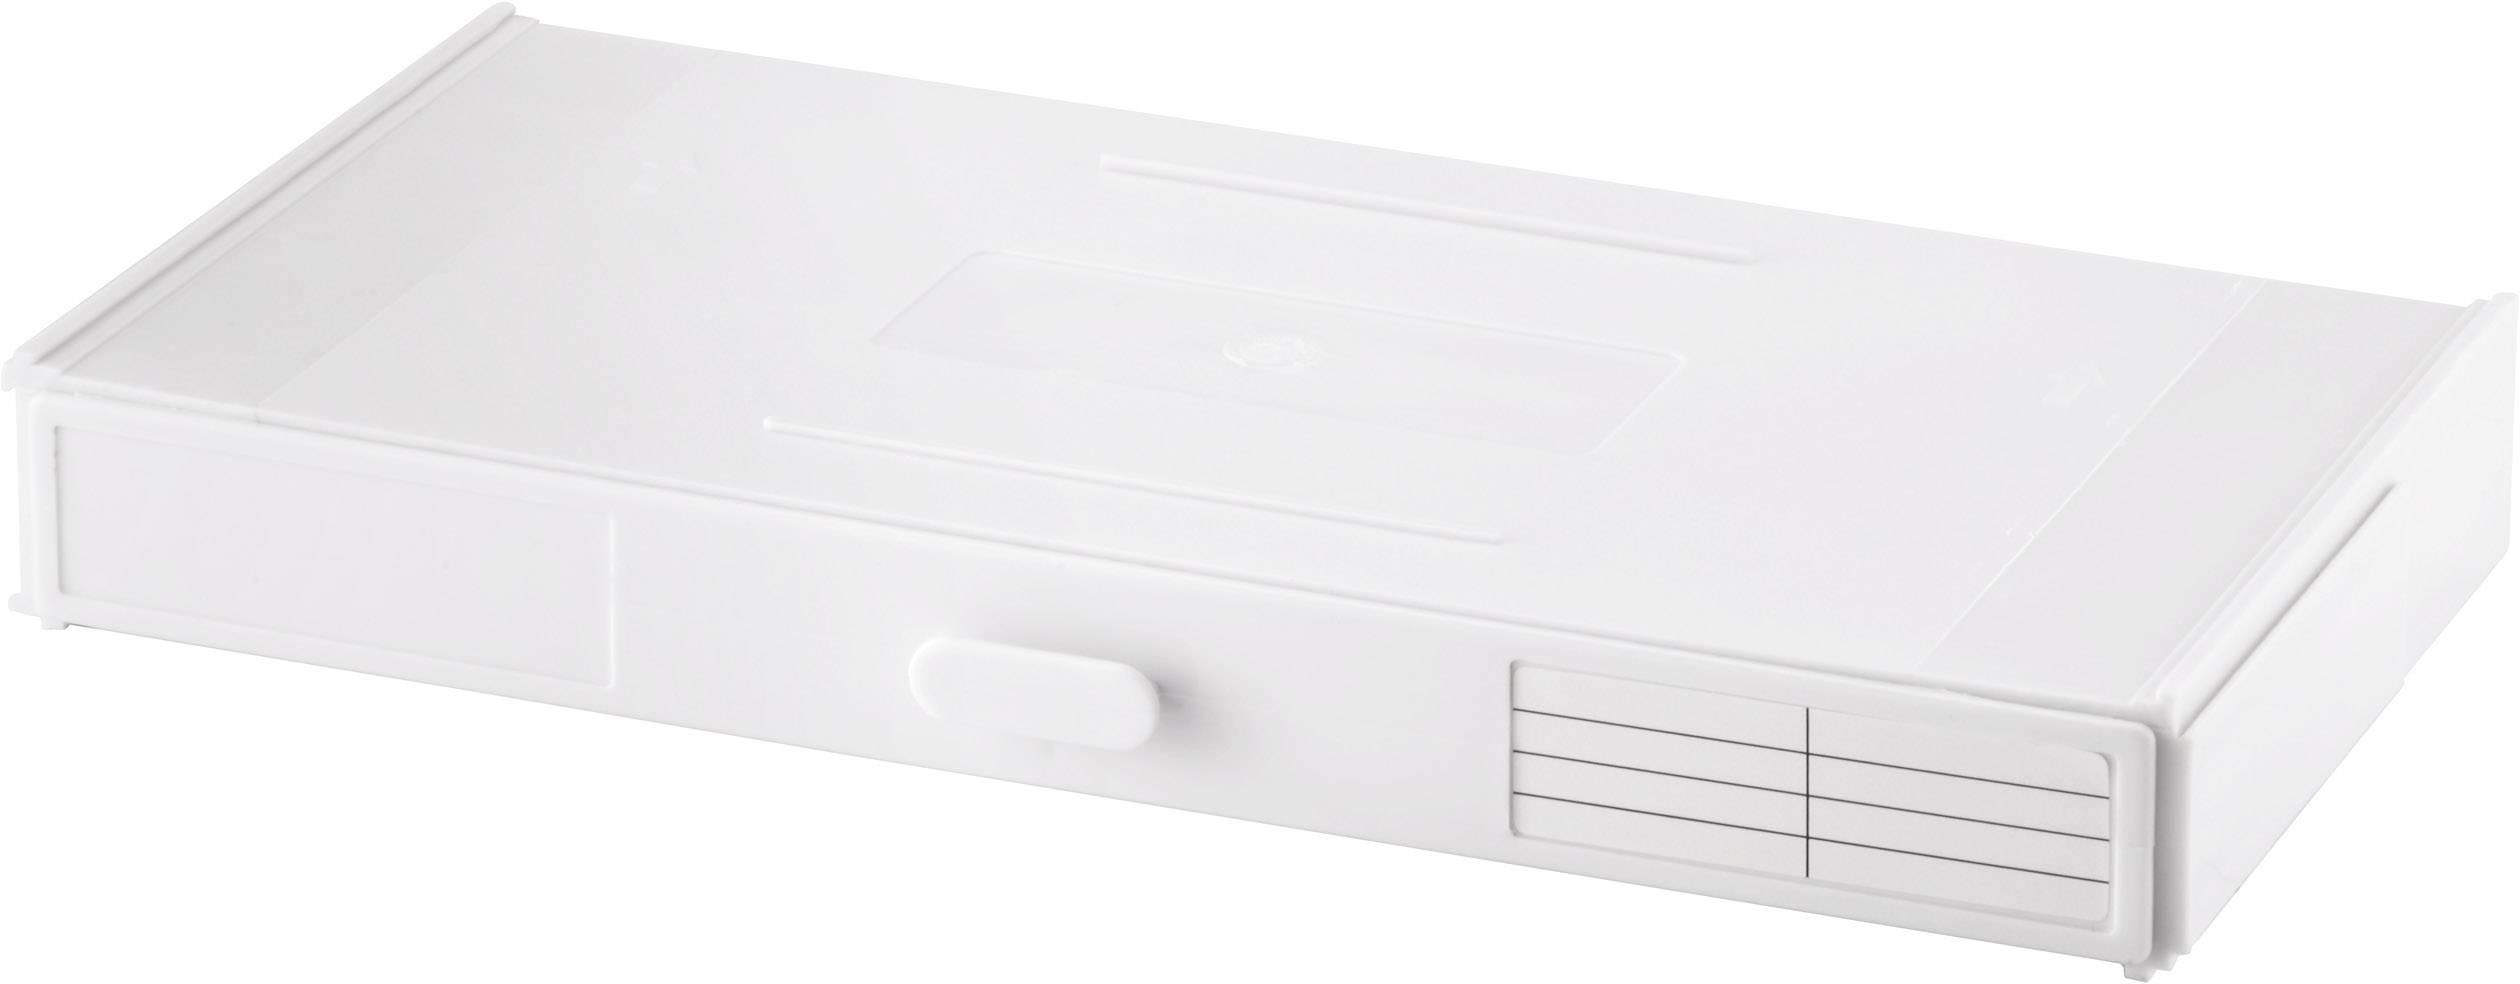 TRU COMPONENTS  sortirni zabojnik (D x Š x V) 264.8 x 33.5 x 138 mm Število predalov: 12 trdna pregrada  1 kos